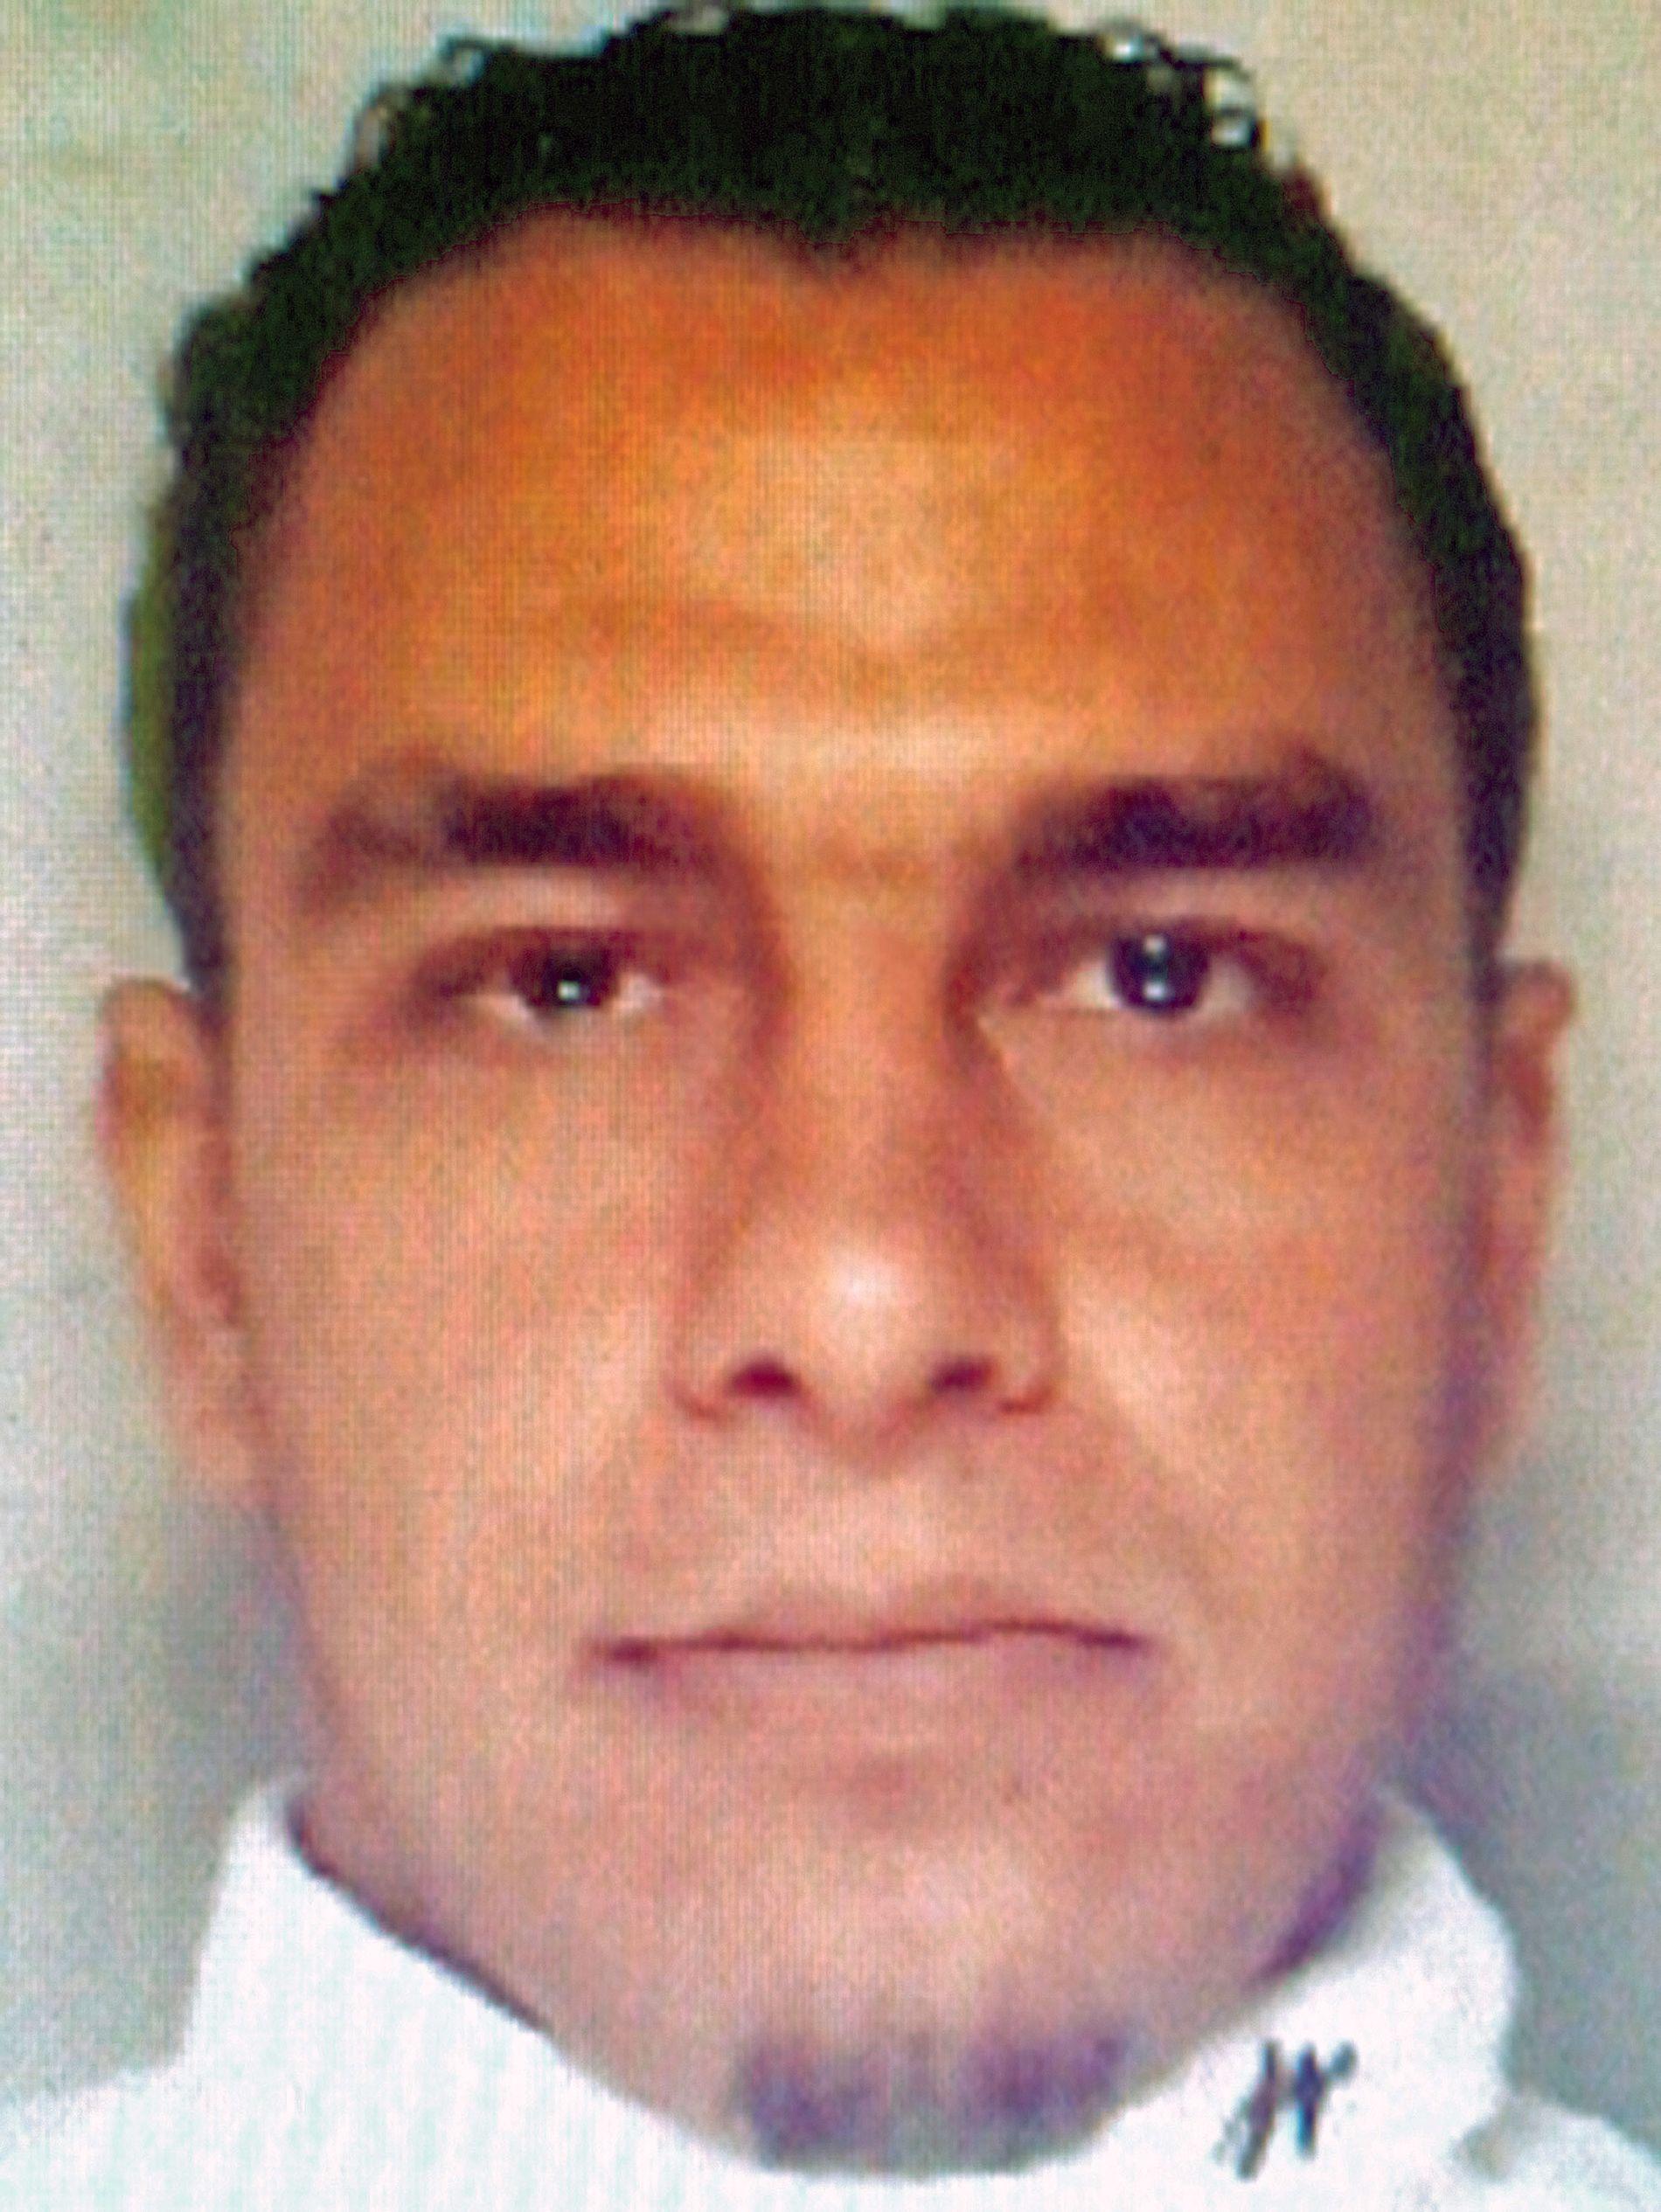 TREBARNSFAR OG DRAPSMANN: Det er fortsatt mange spørsmpål knyttet til hvordan den tunisiske trebarnsfaren endte opp med å ta 84 uskyldige menneskeliv torsdag.